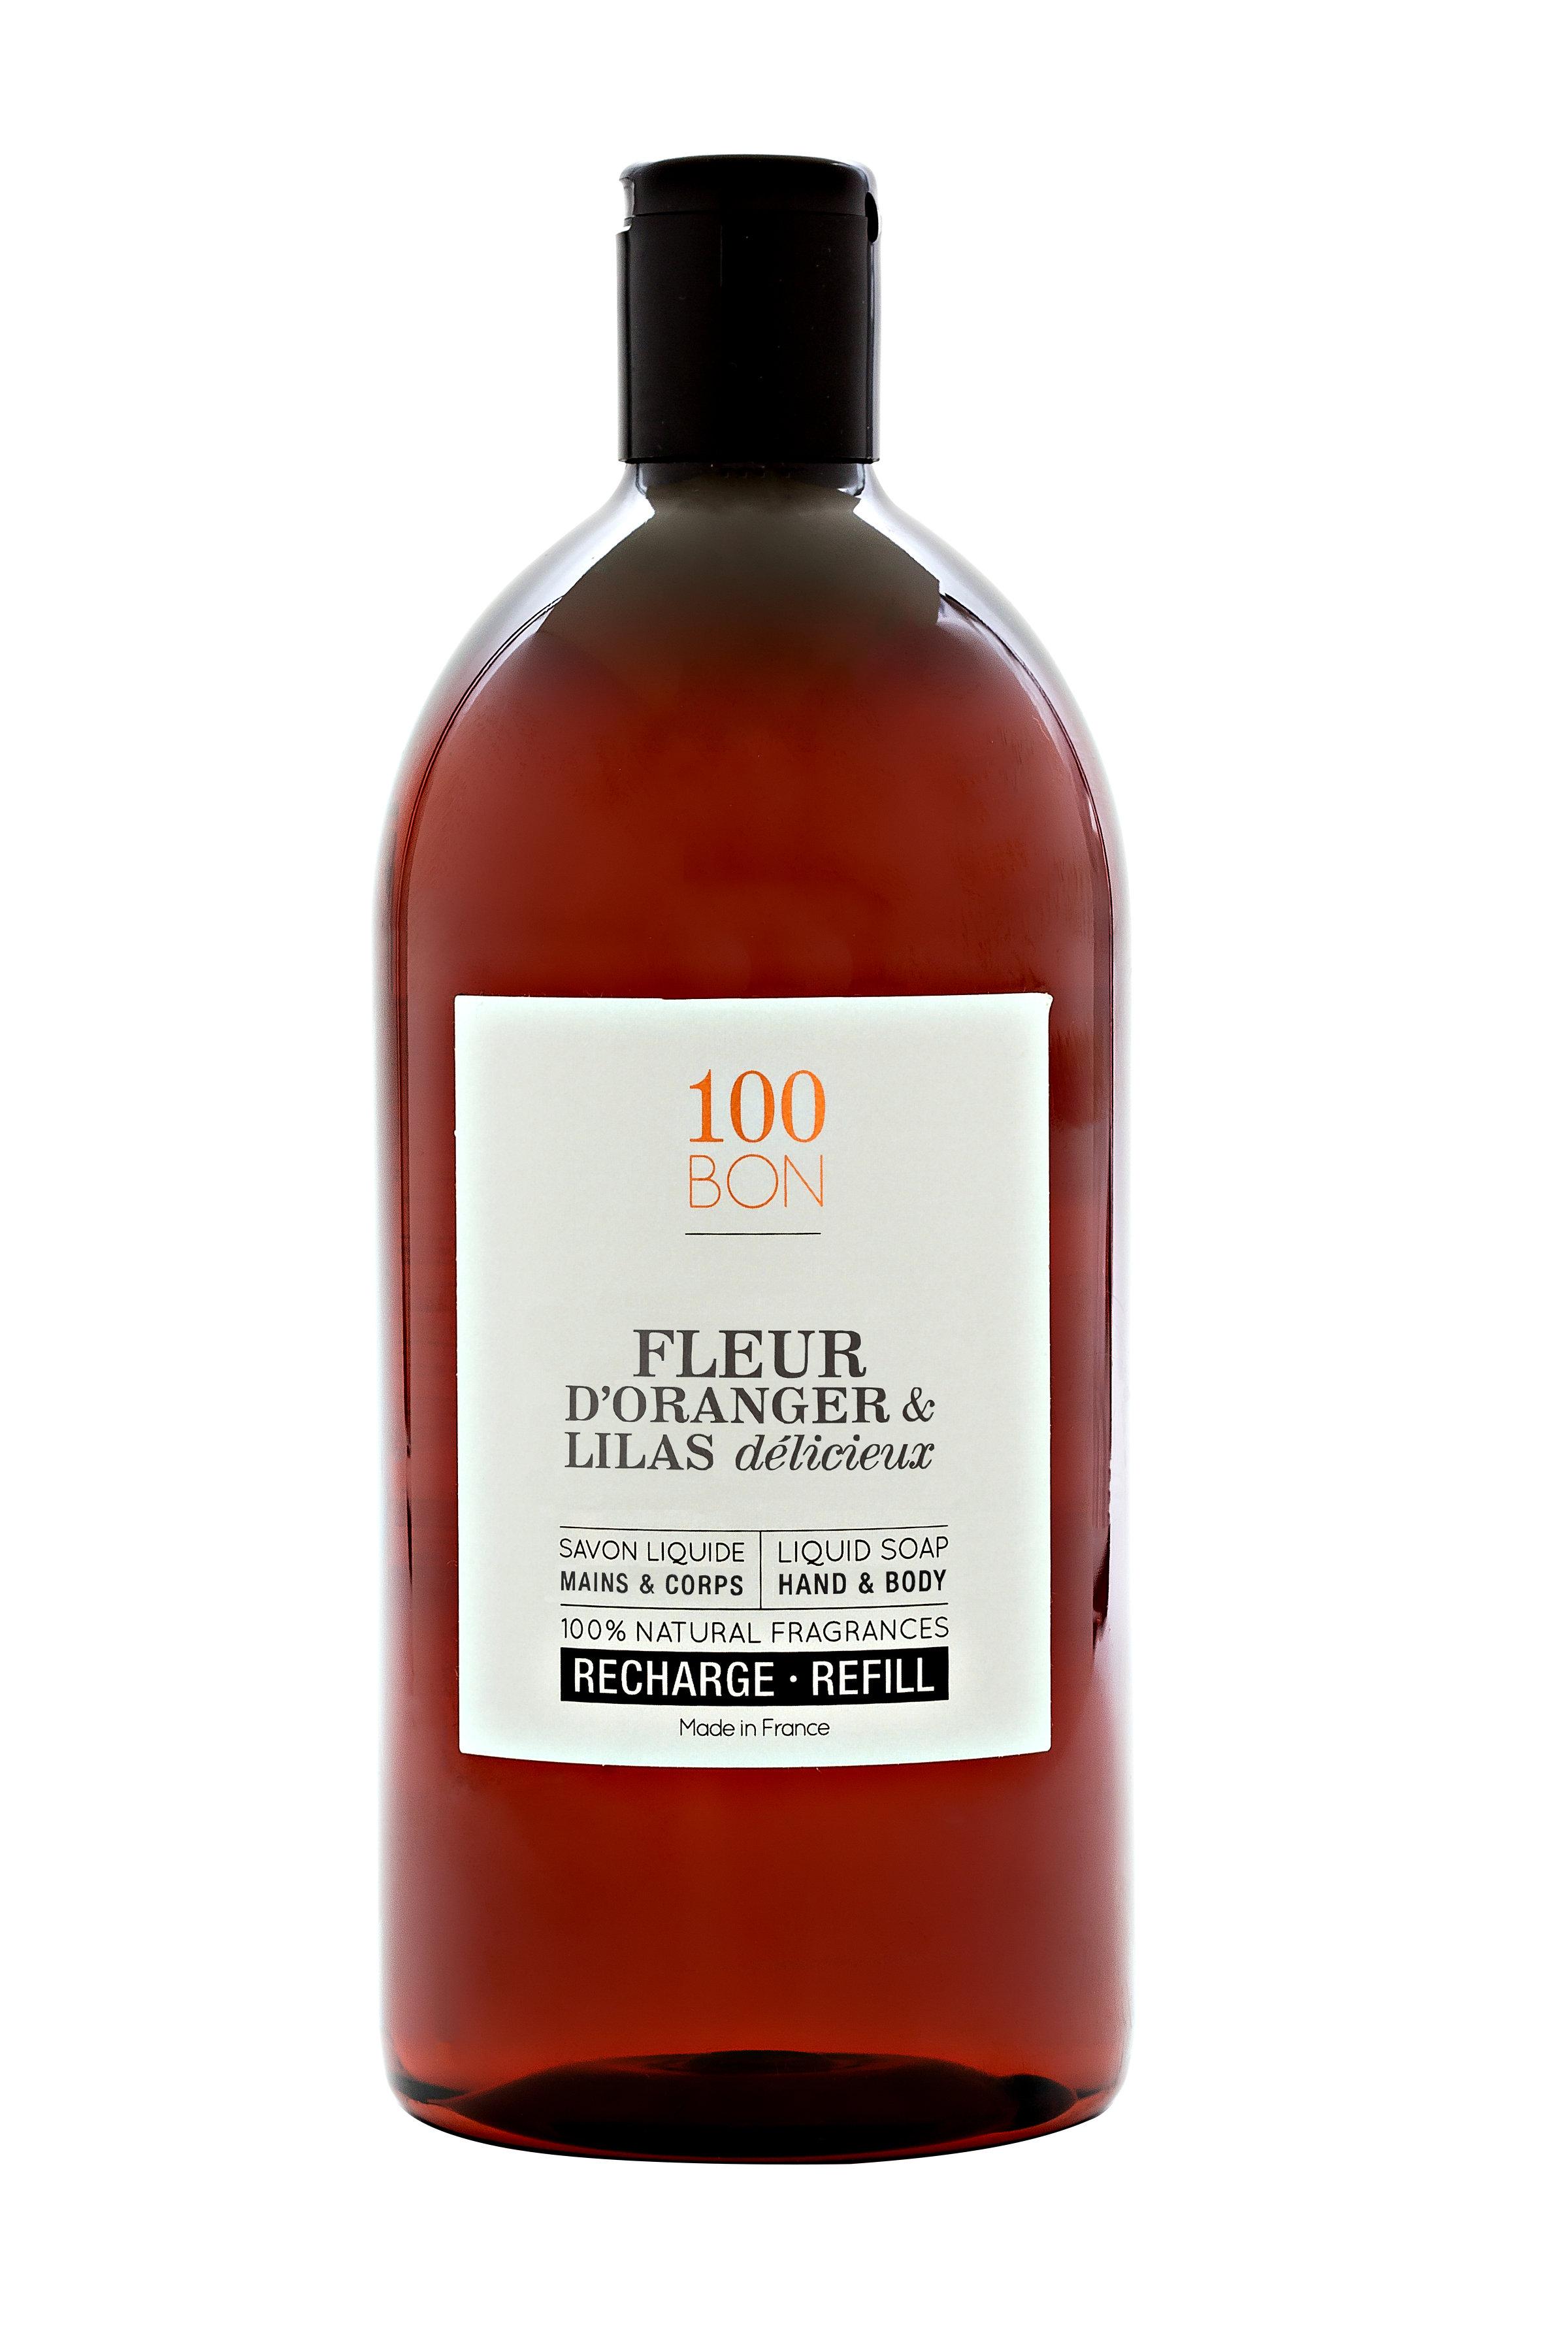 Bilde av Fleur D'oranger & Lilas Délicieux Liquid Soap 1000 Ml